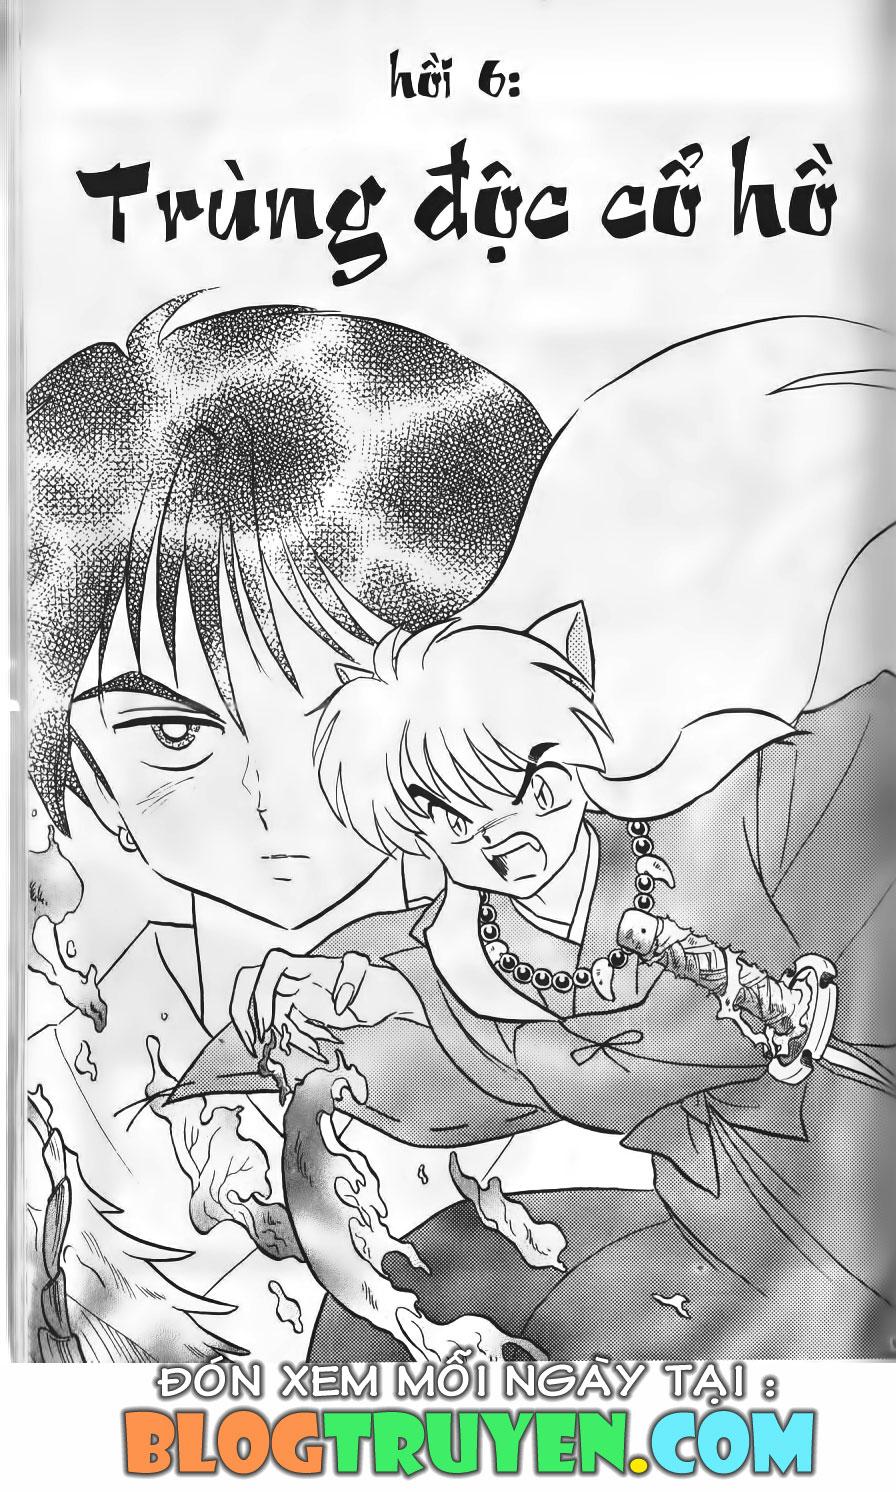 Inuyasha vol 11.6 trang 2